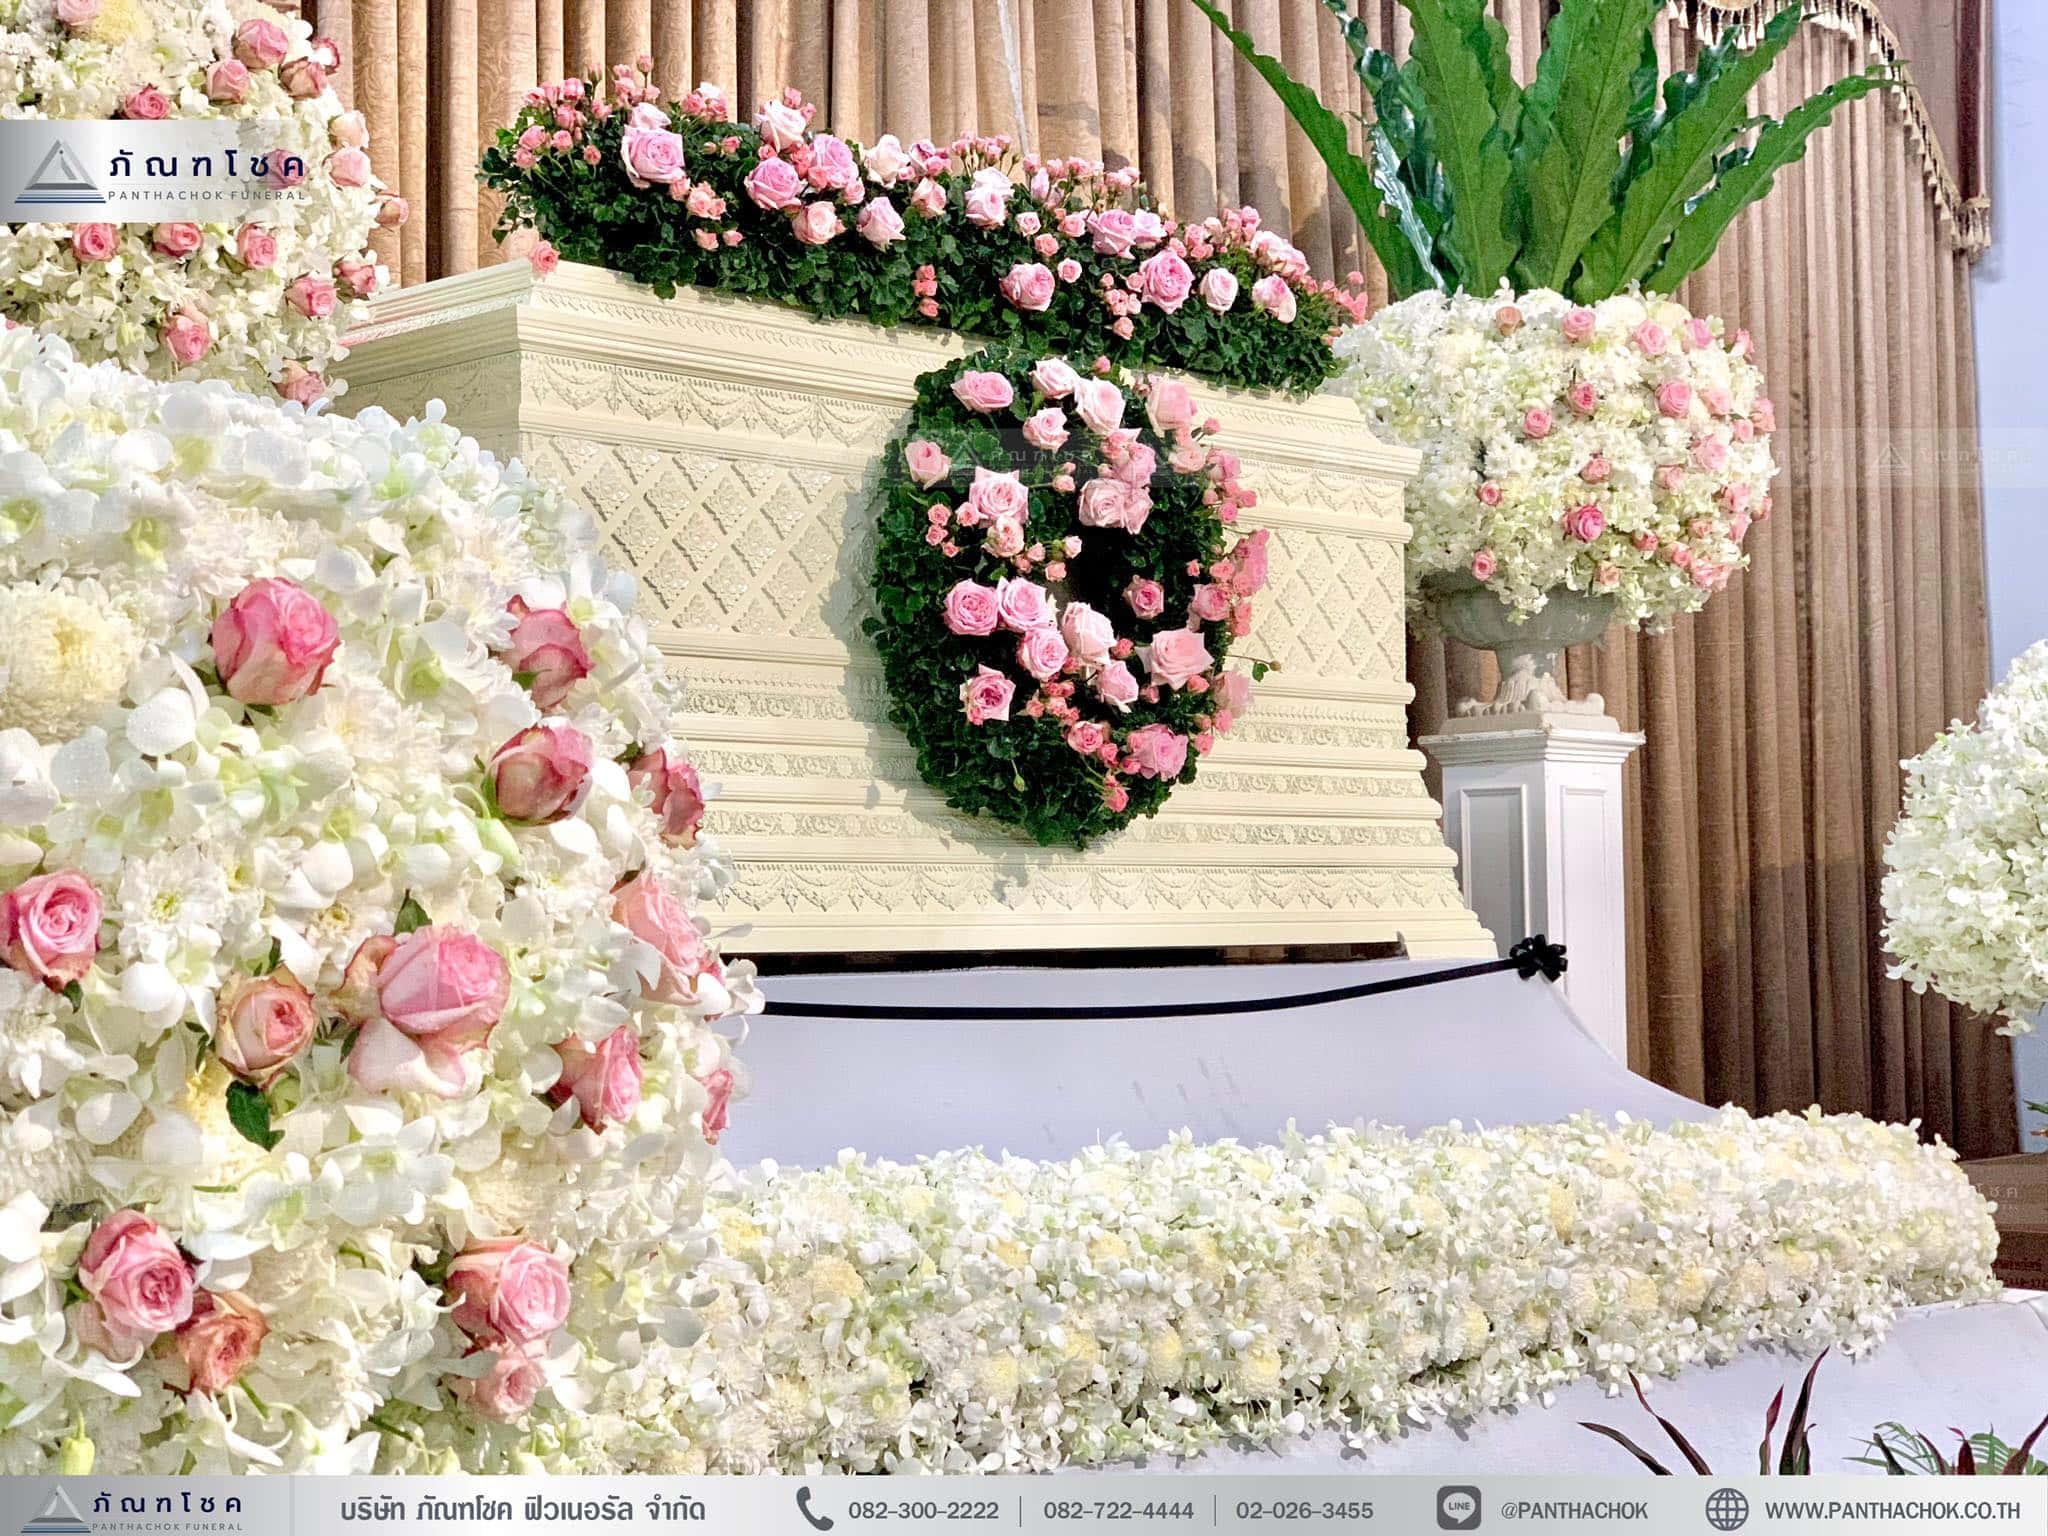 ดอกไม้ประดับหรูหรา ดอกไม้โทนสีขาวชมพู